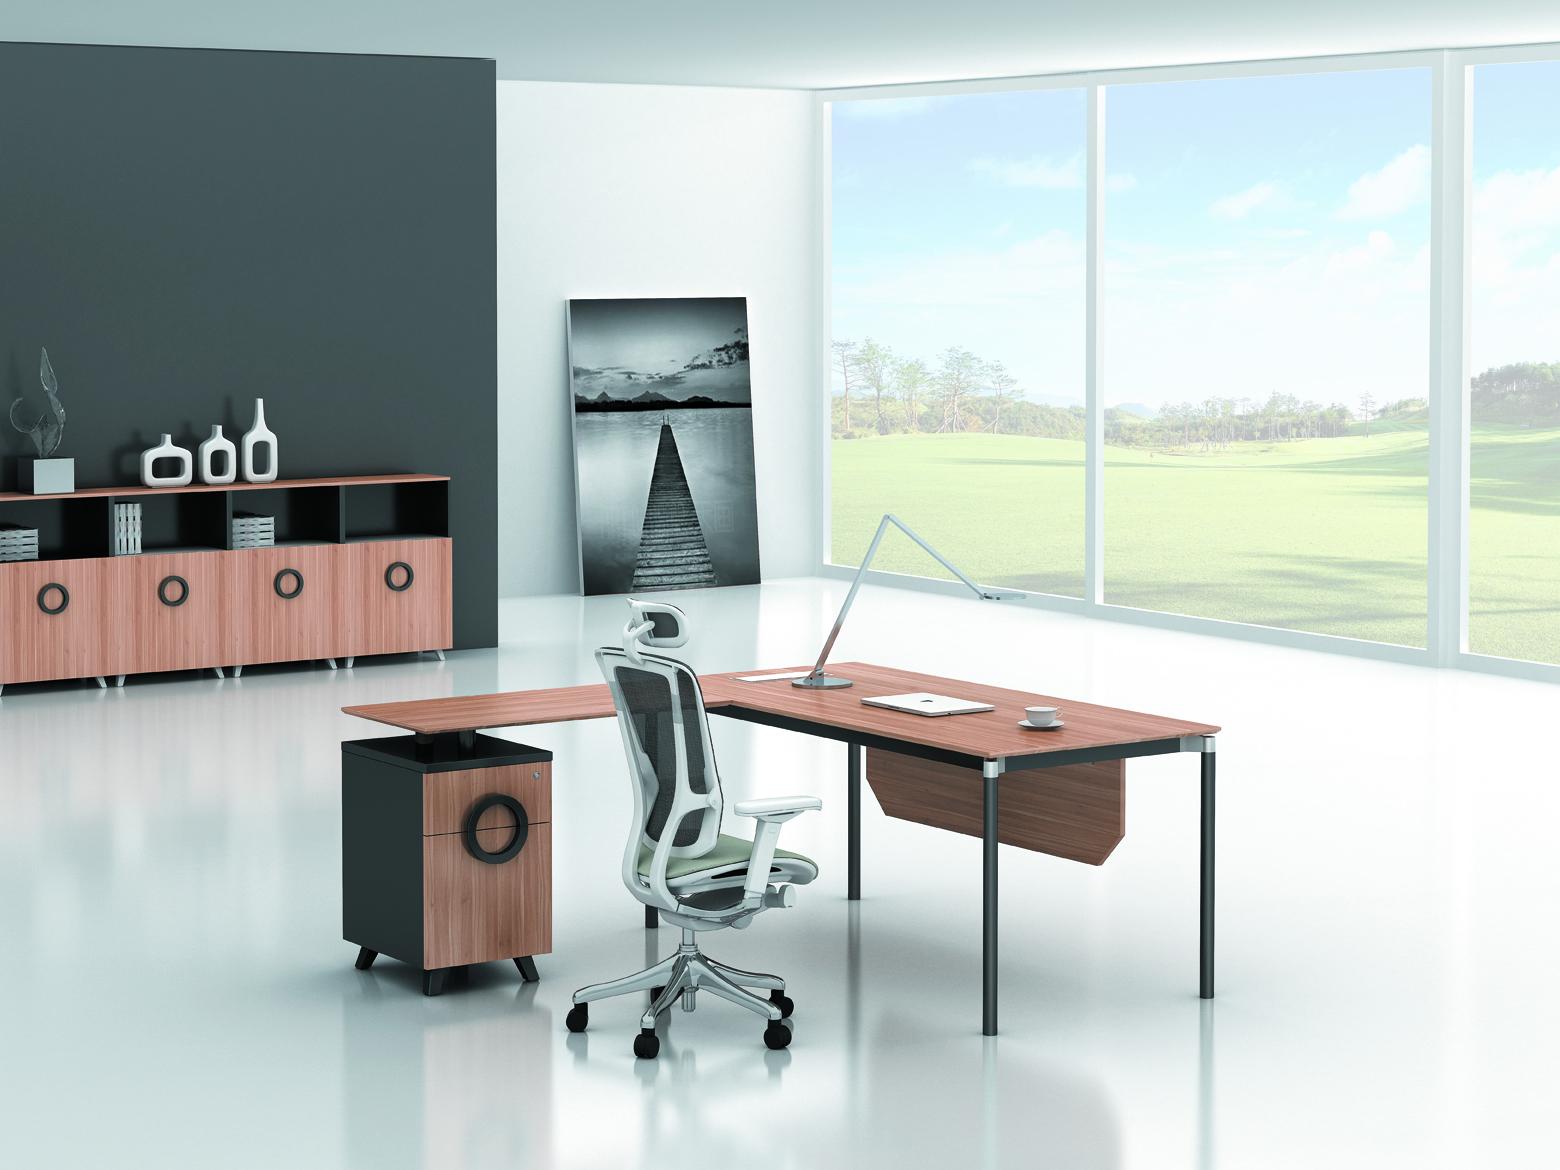 广东办公家具厂家 办公桌椅 现代办公家具 板式办公家具厂家直销